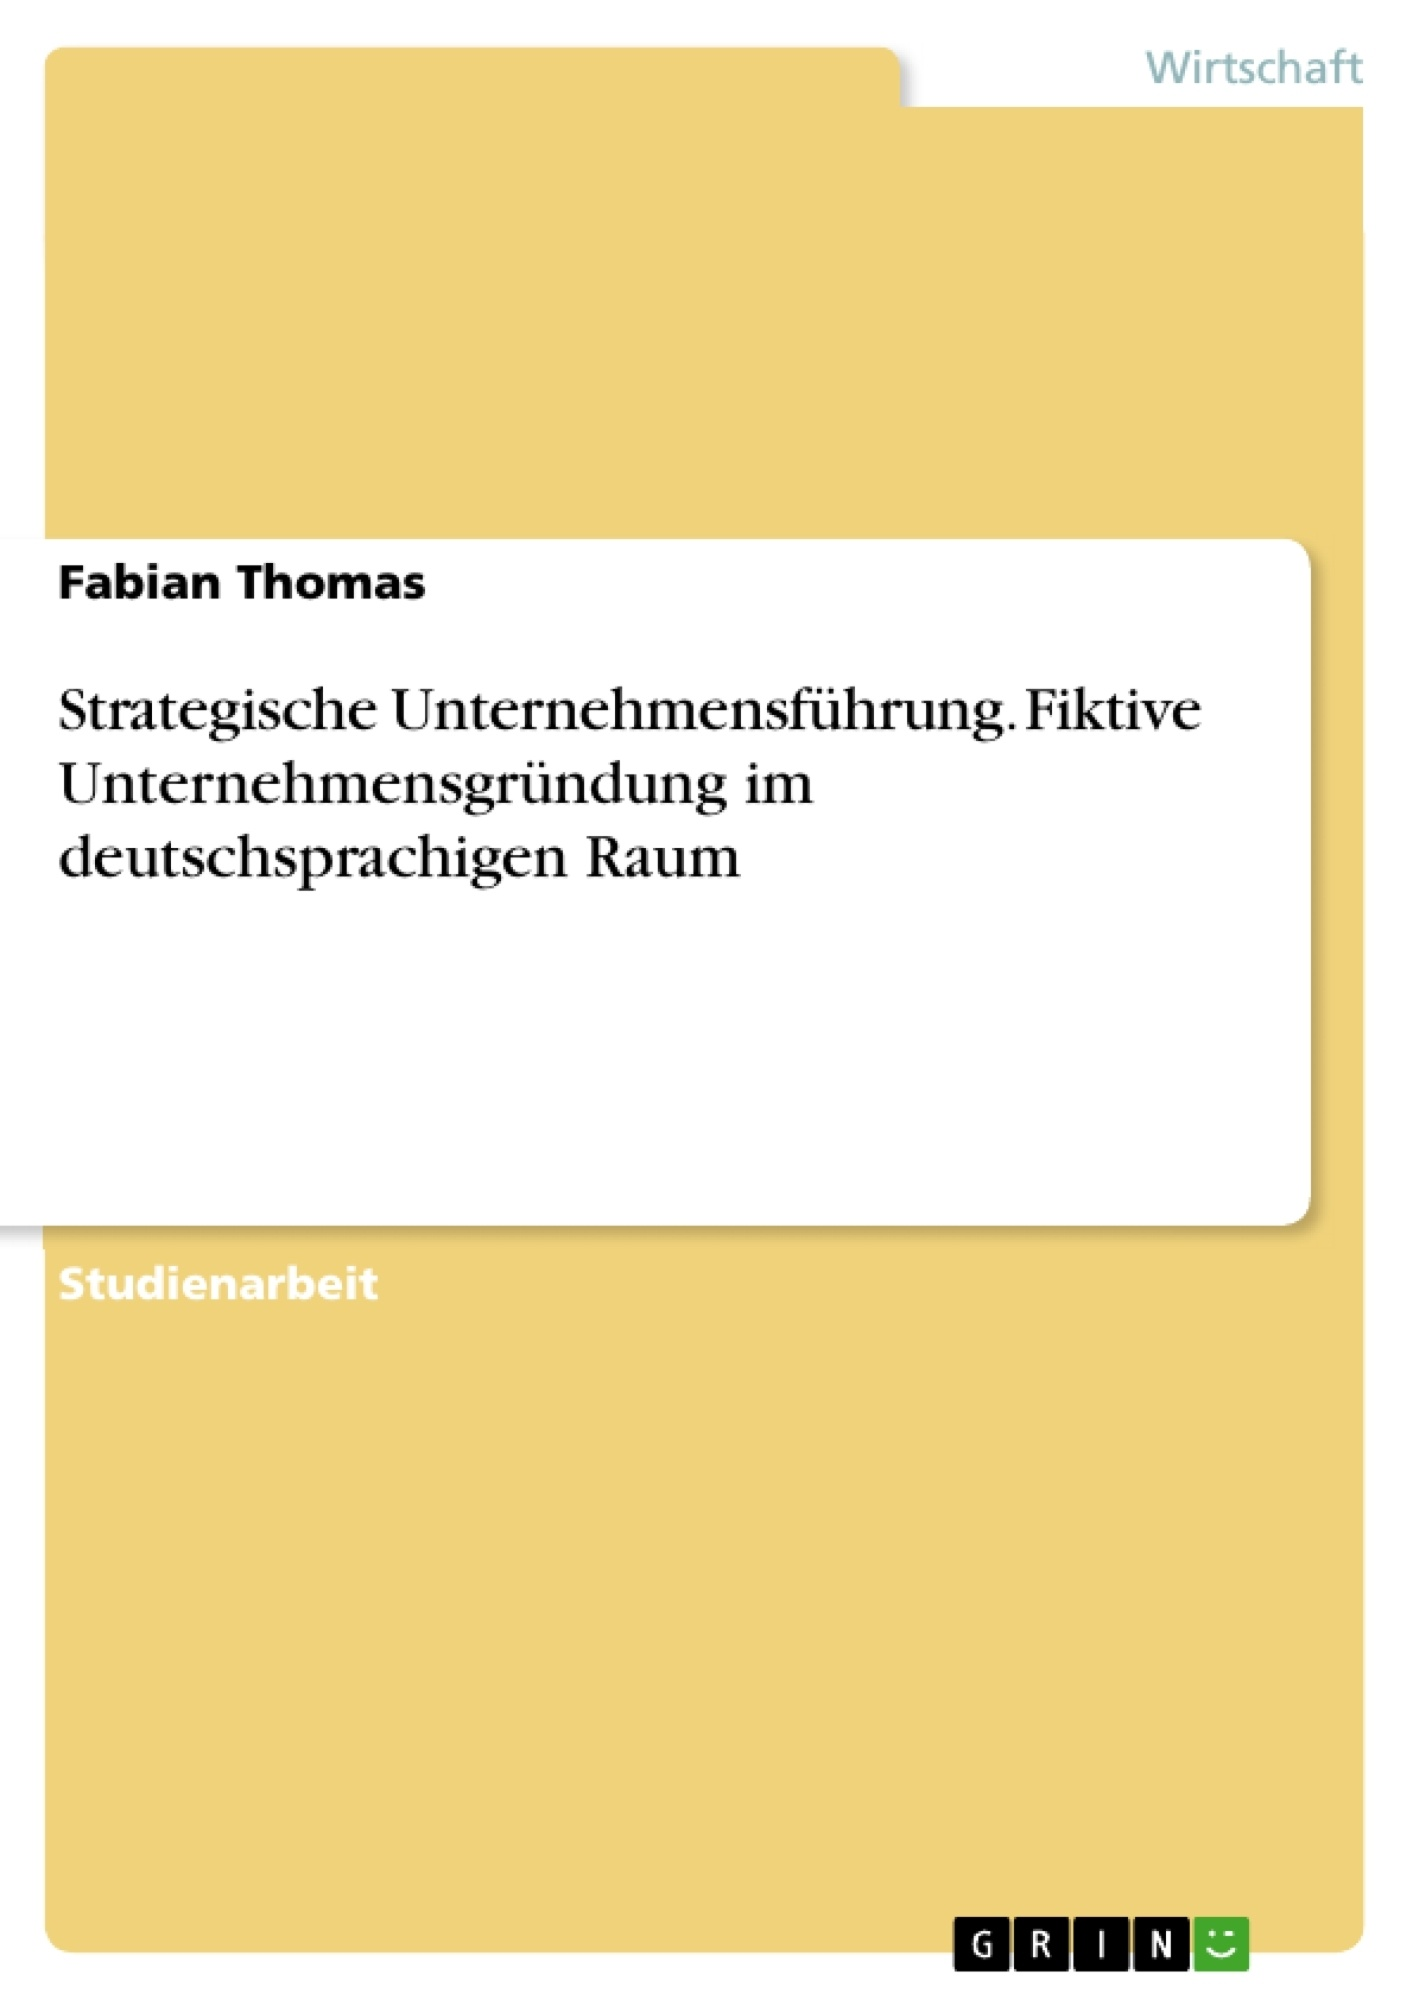 Titel: Strategische Unternehmensführung. Fiktive Unternehmensgründung im deutschsprachigen Raum